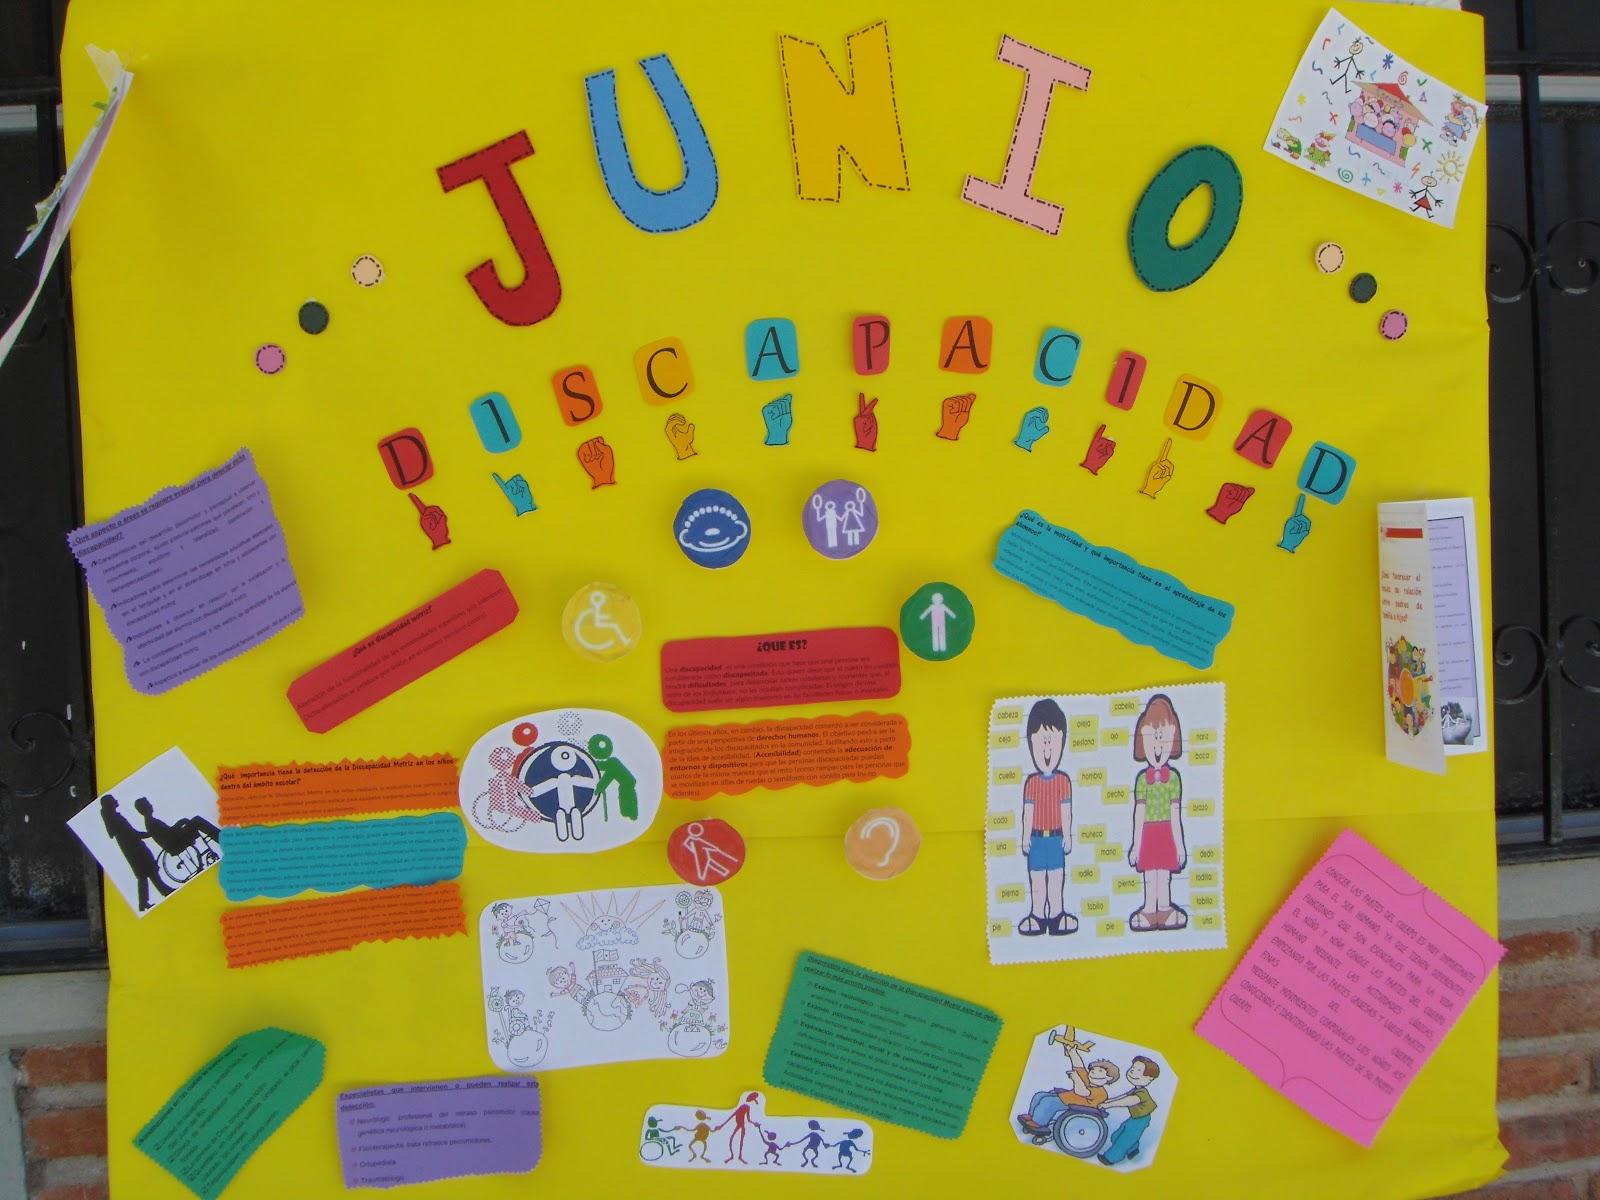 Peri dico mural mes de junio 12 imagenes educativas for Amenidades para periodico mural